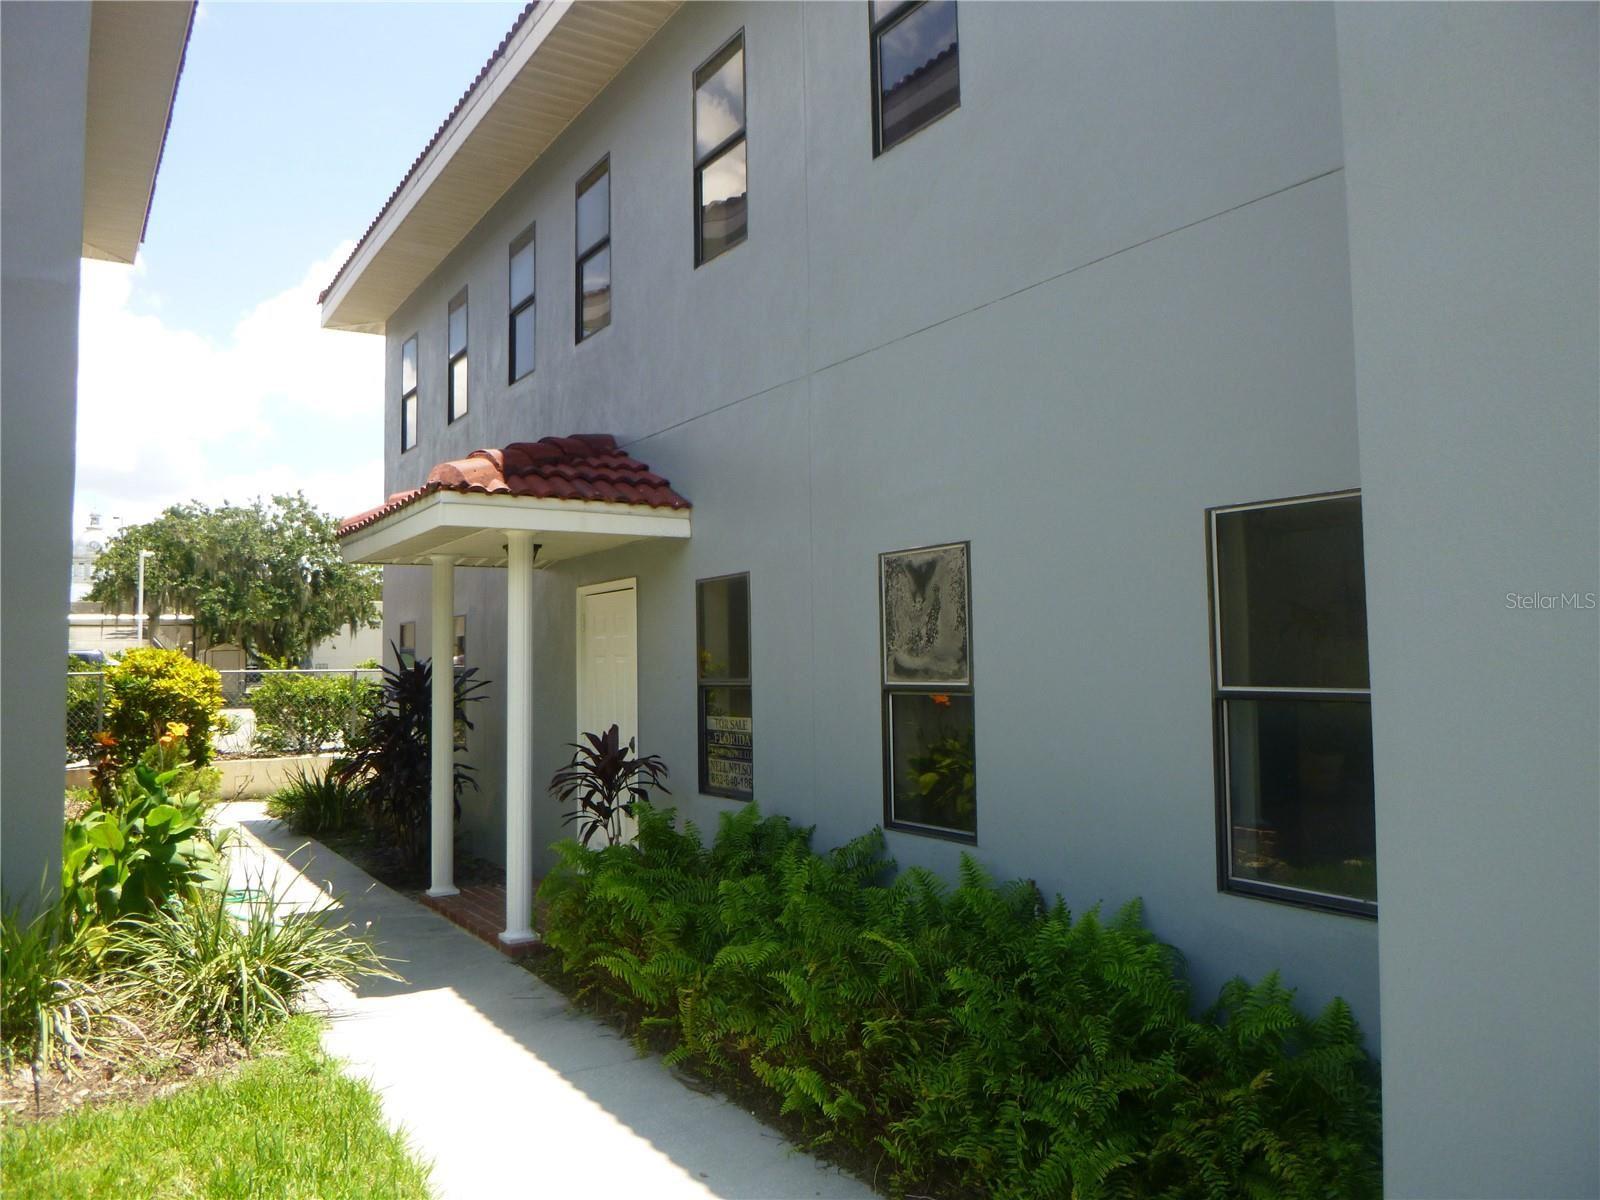 343 W DAVIDSON STREET, Bartow, FL 33830 - #: B4900766